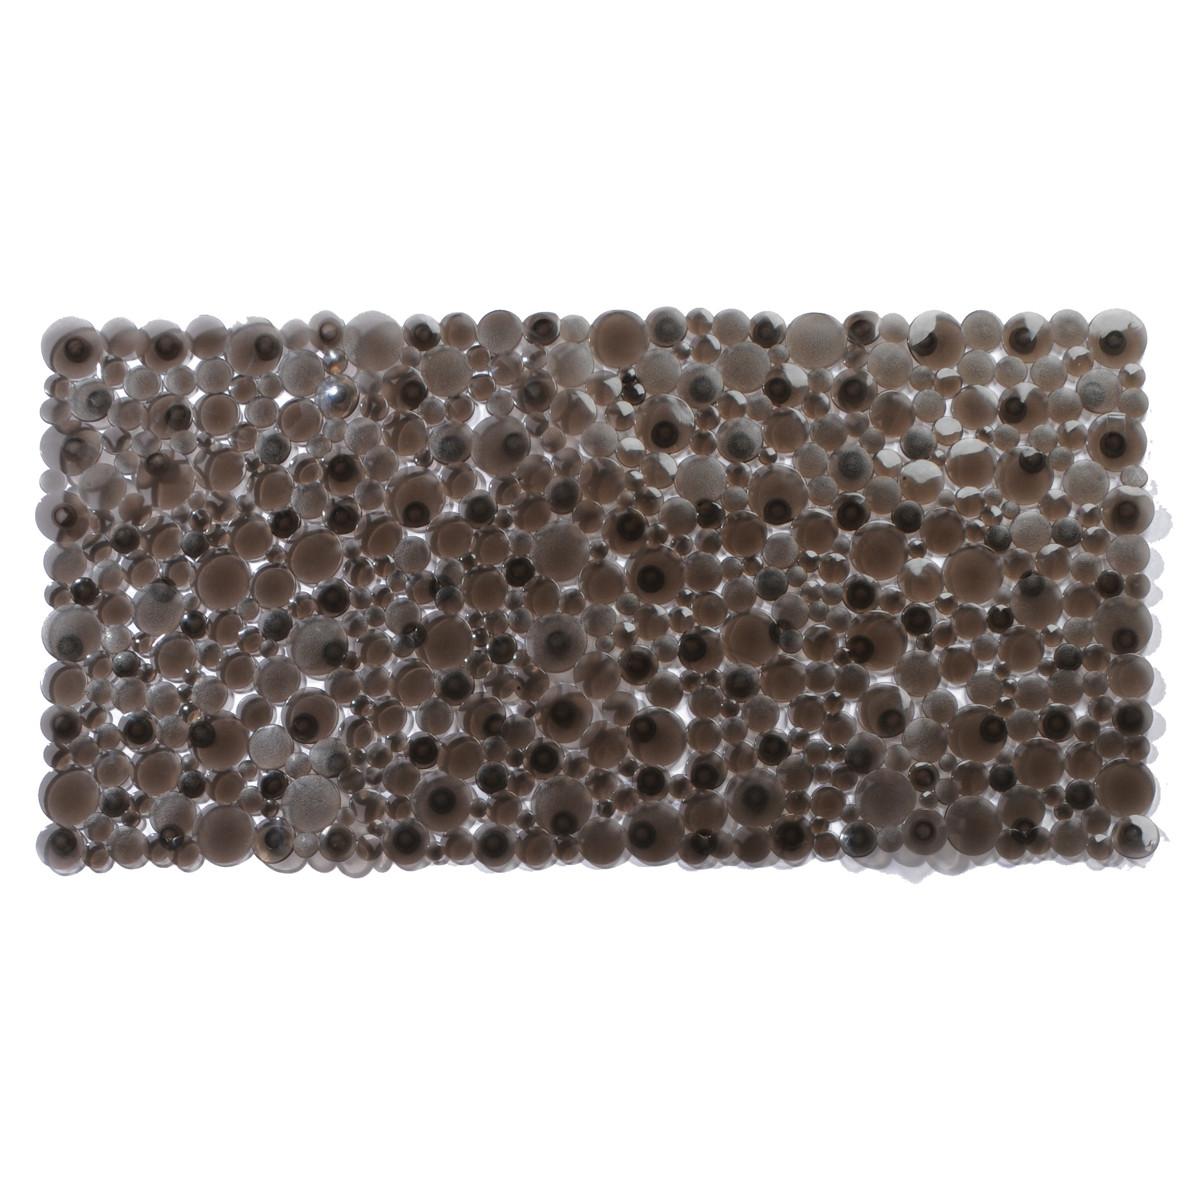 Αντιολισθητικό Πατάκι Μπανιέρας εstia Stone 02-1667